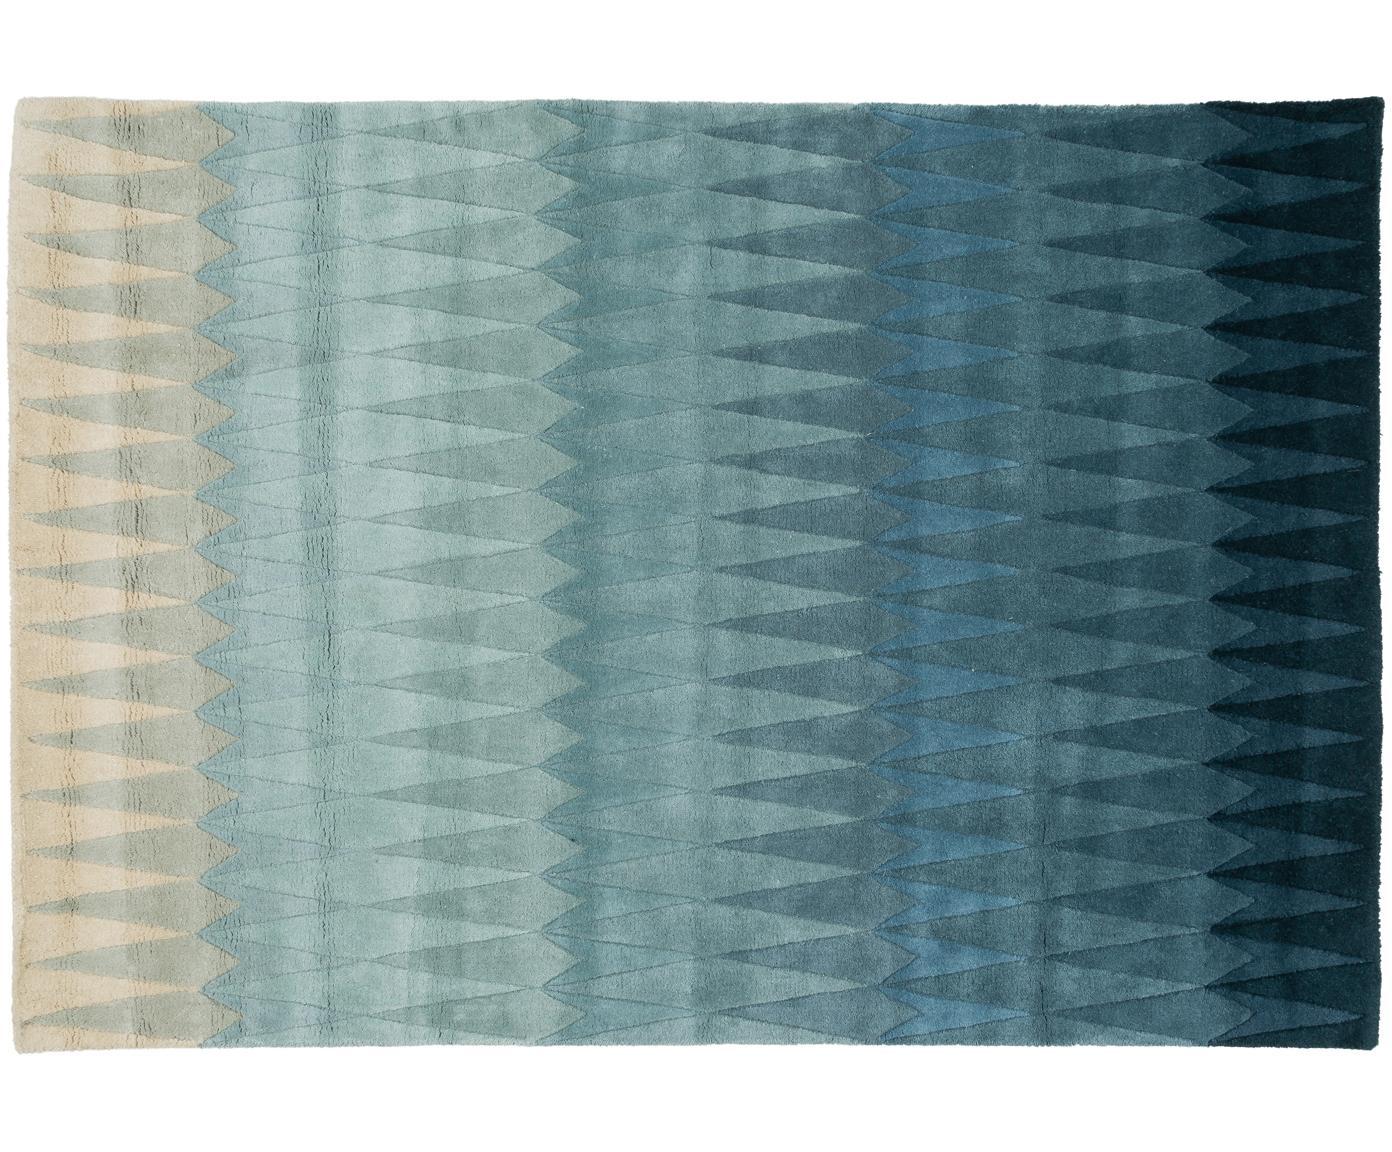 Tappeto in lana taftato a mano Acacia, Retro: cotone, Tonalità blu, tonalità beige, Larg. 140 x Lung. 200 cm (taglia S)